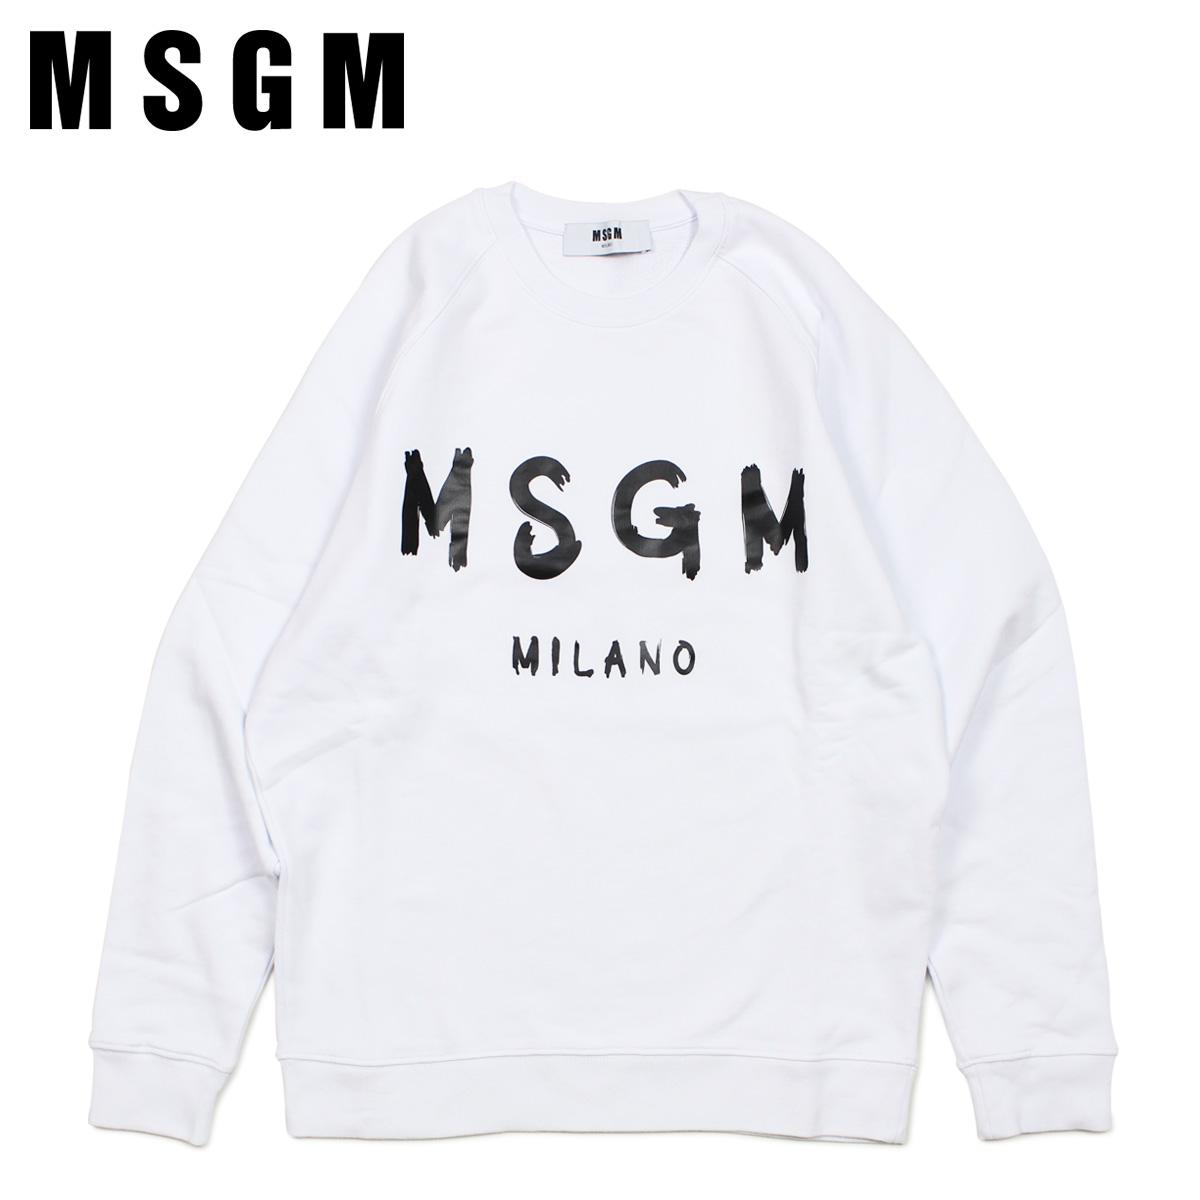 MSGM REGULAR SWEATSHIRT WITH BRUSHSTROKE MSGM LOGO エムエスジーエム トレーナー スウェット メンズ ホワイト 白 MM104 [4/11 新入荷]